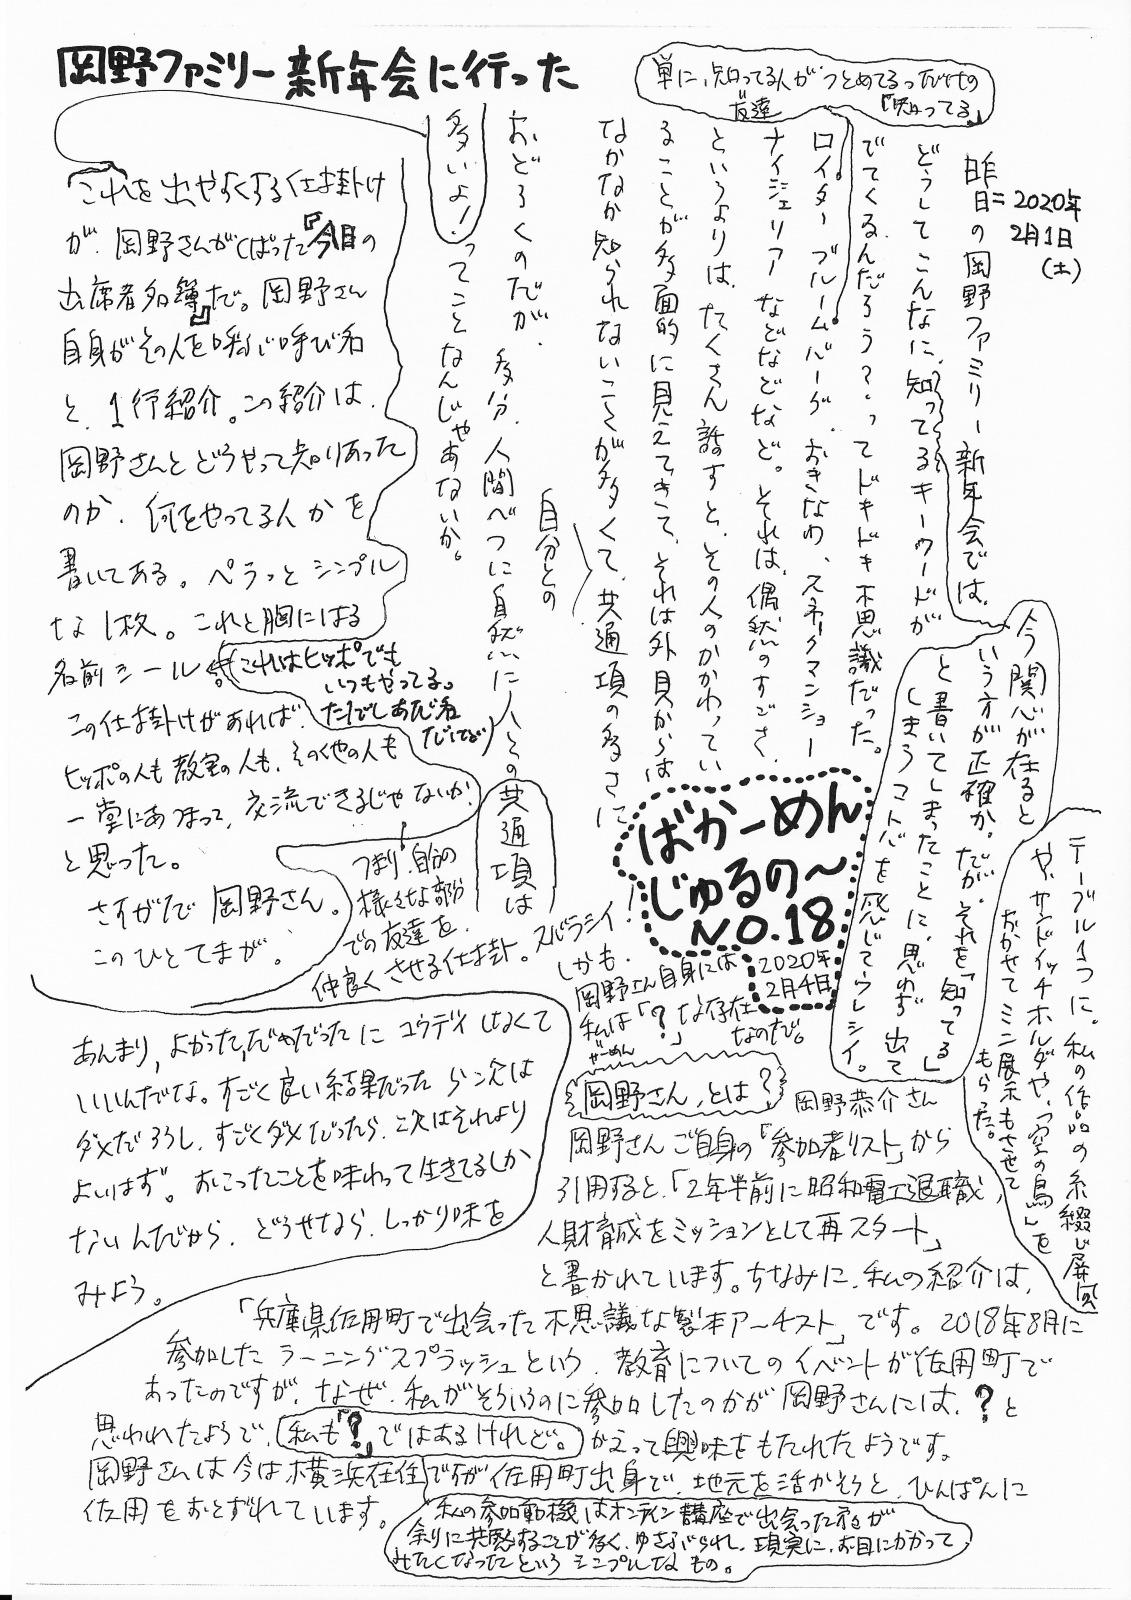 http://yoyamazaki.jp/blog/blog/%E3%81%B0%E3%81%8B%E3%83%BC%E3%82%81%E3%82%93%E3%81%98%E3%82%85%E3%82%8B%E3%81%AE18.jpg